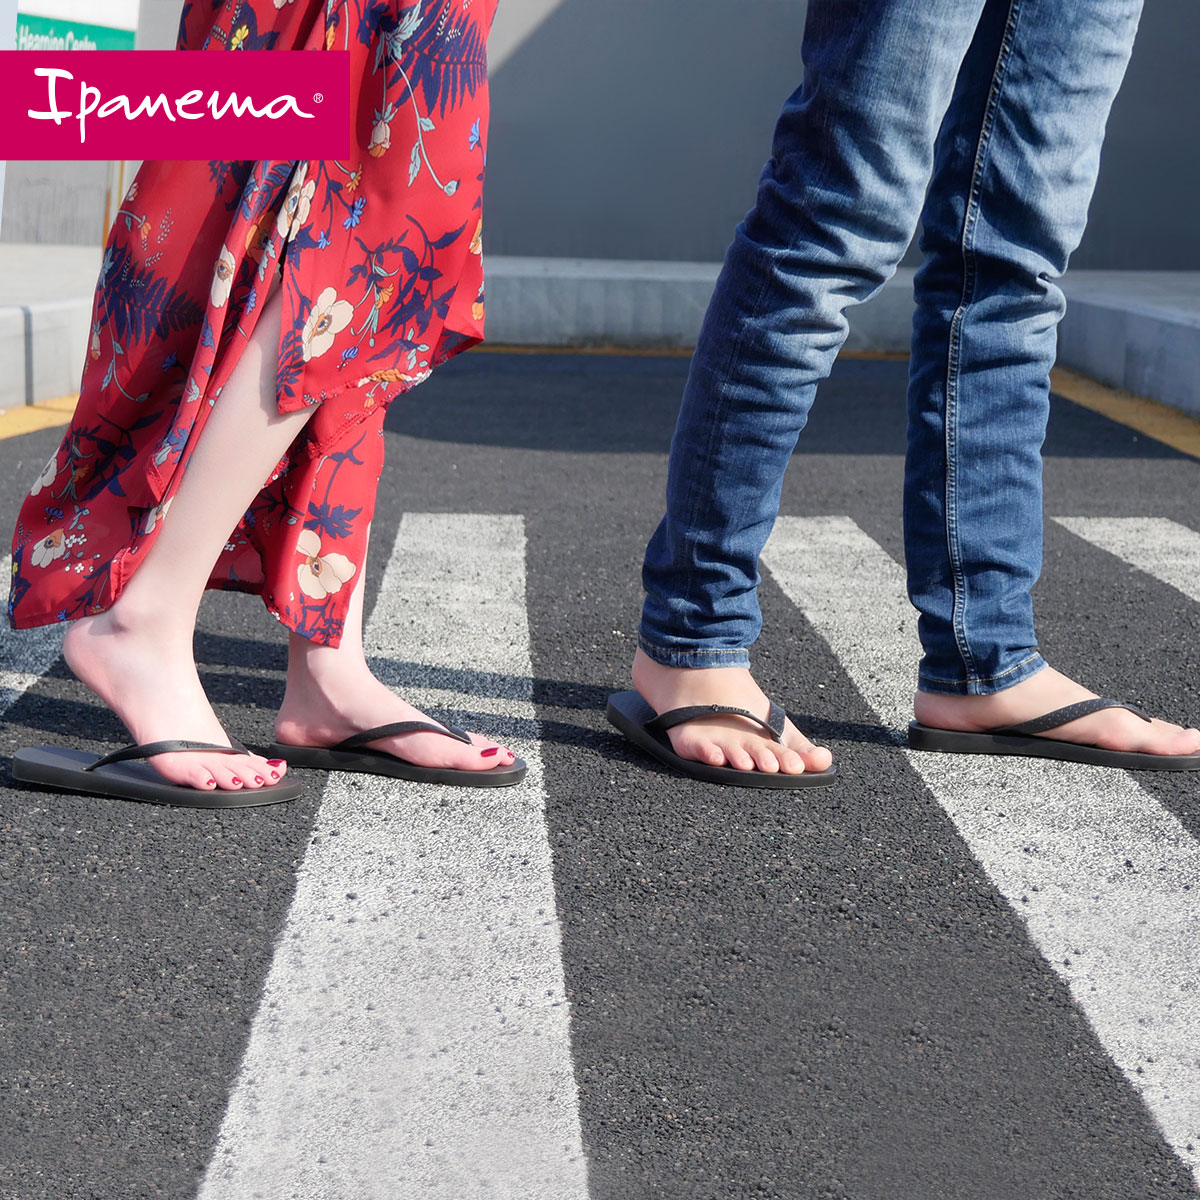 Ipanema人字拖男潮外穿网红女拖鞋情侣平底沙滩鞋ins男鞋外穿度假